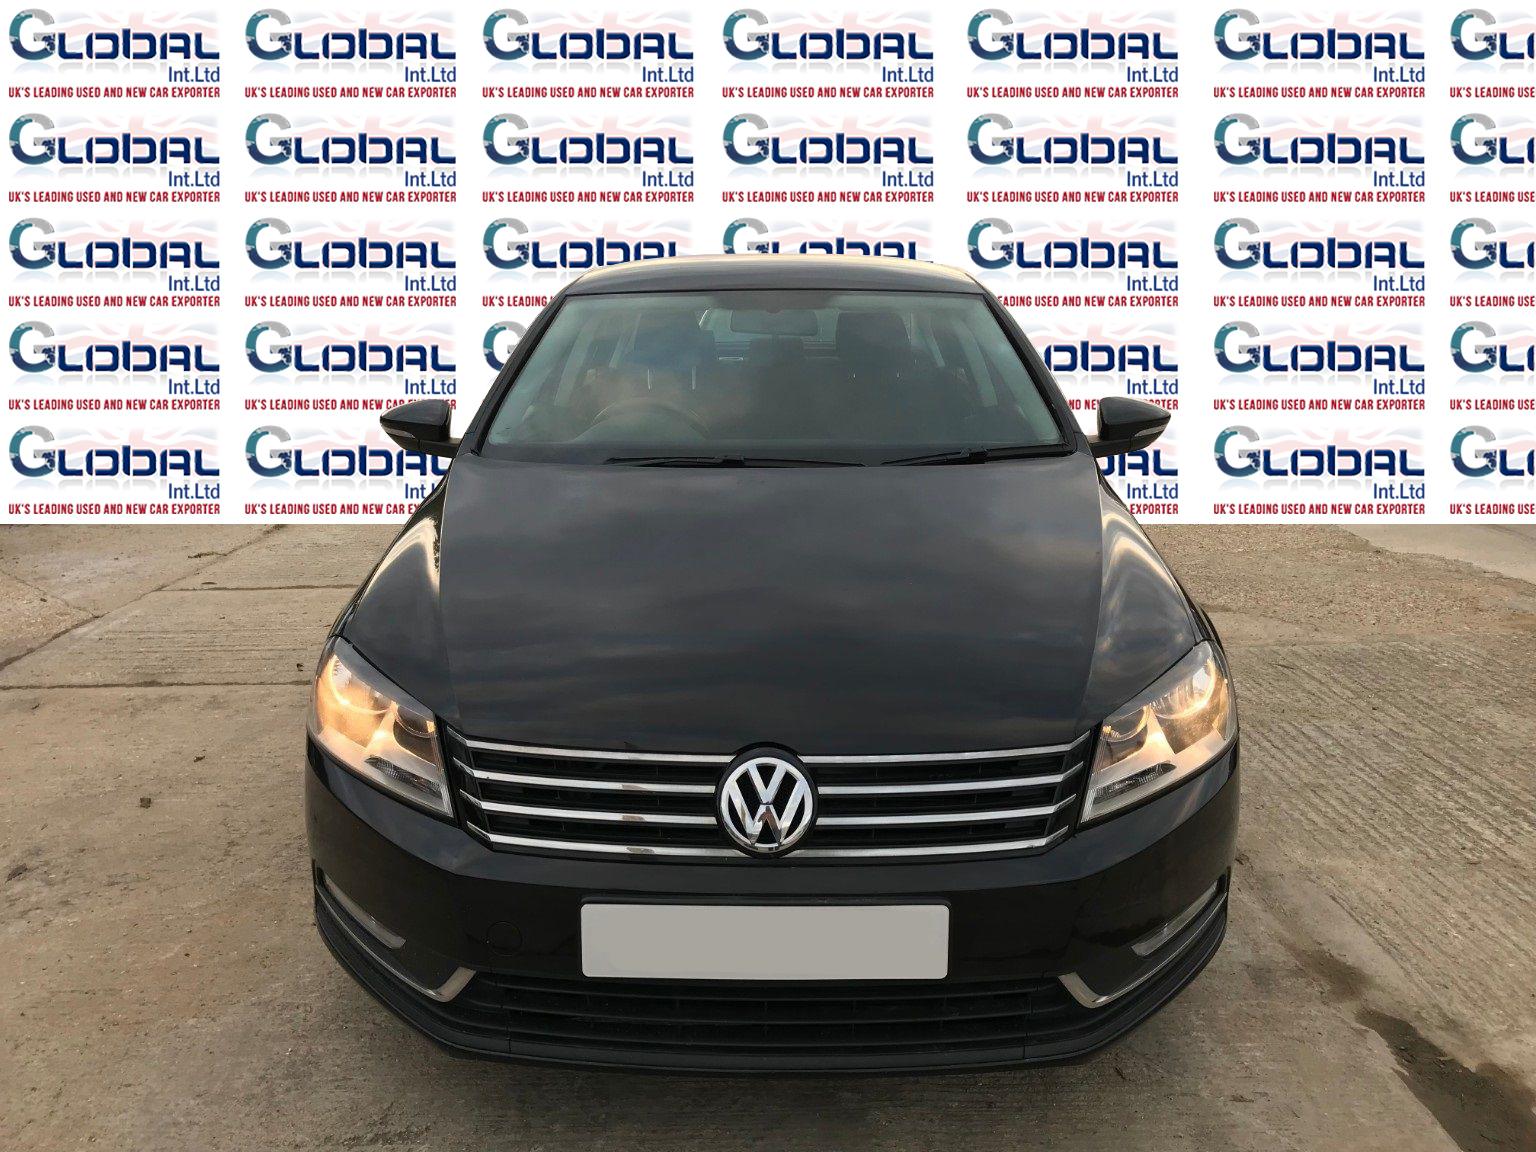 Volkswagen Passat 2011/0